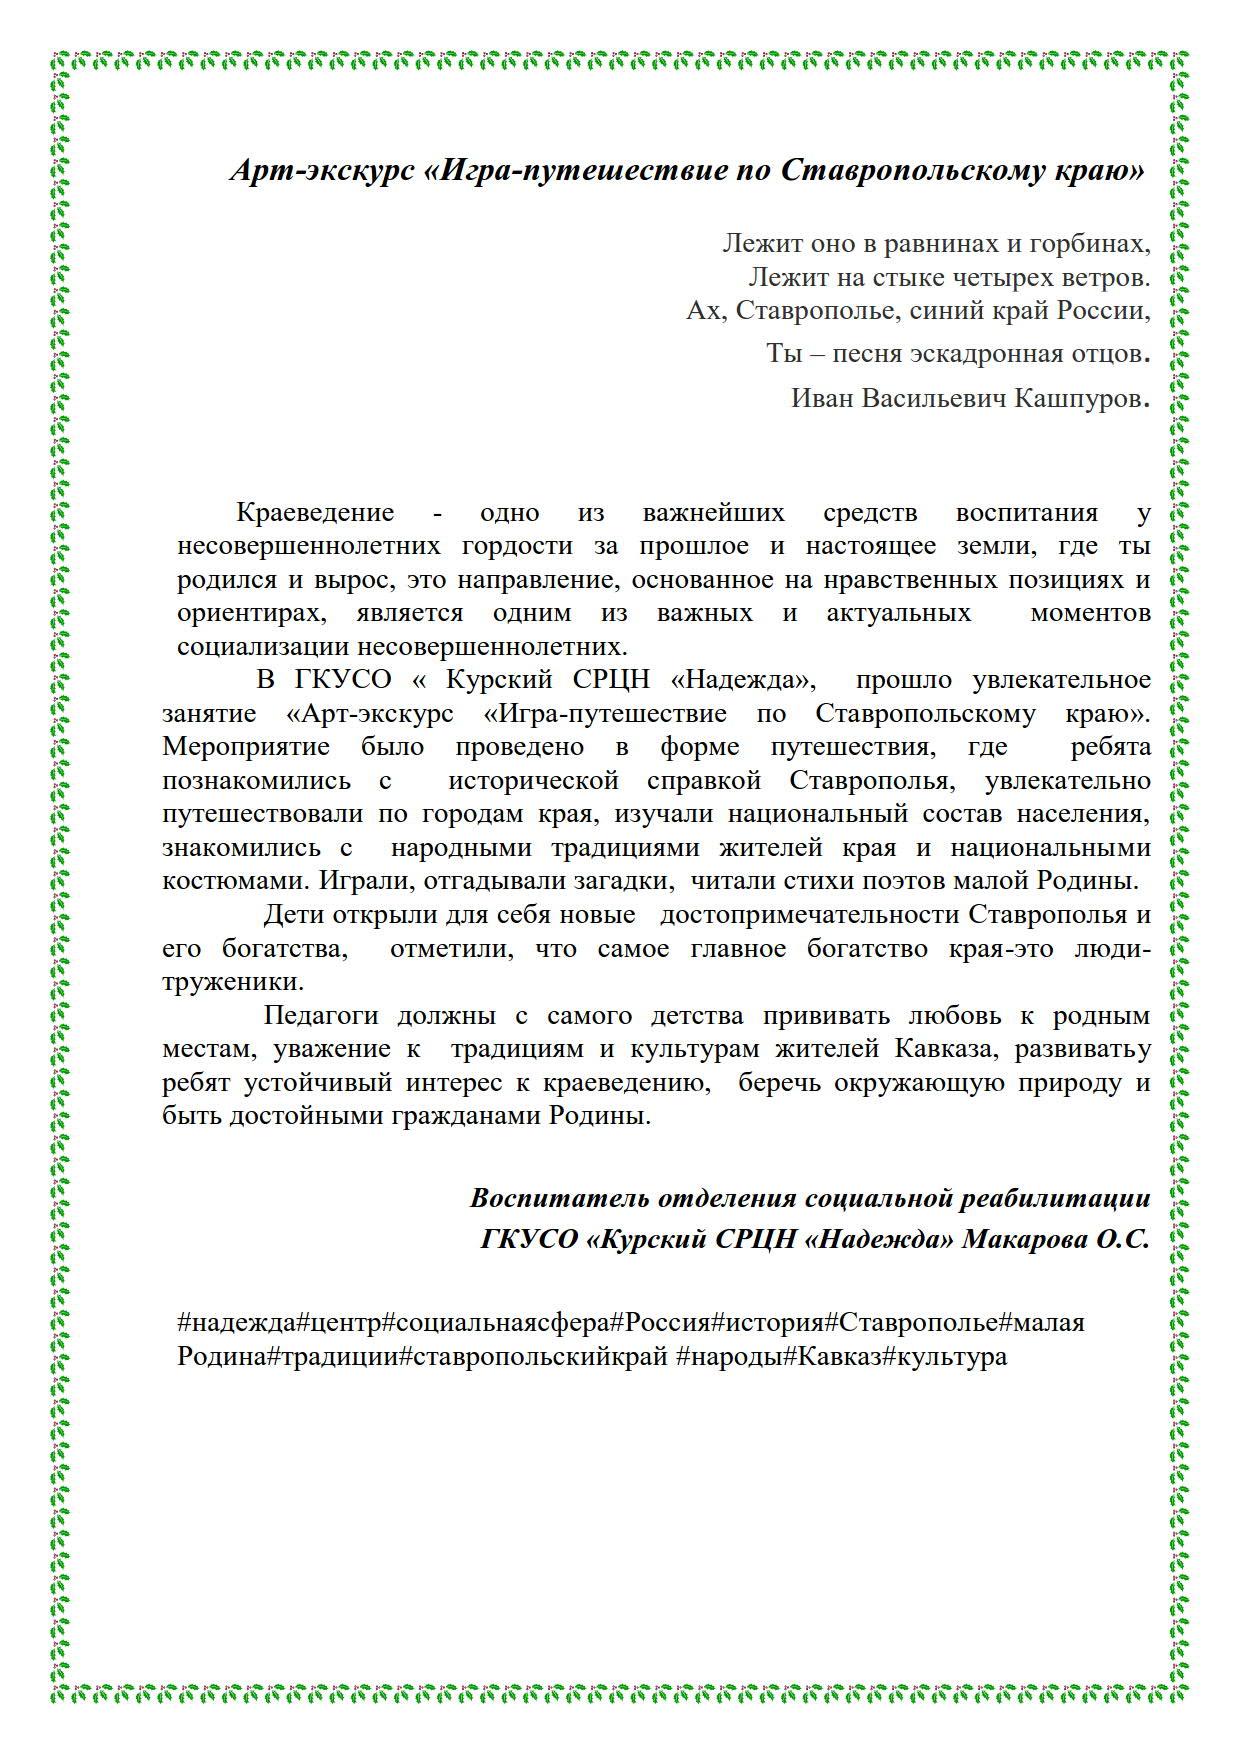 АРт-экскурс_1